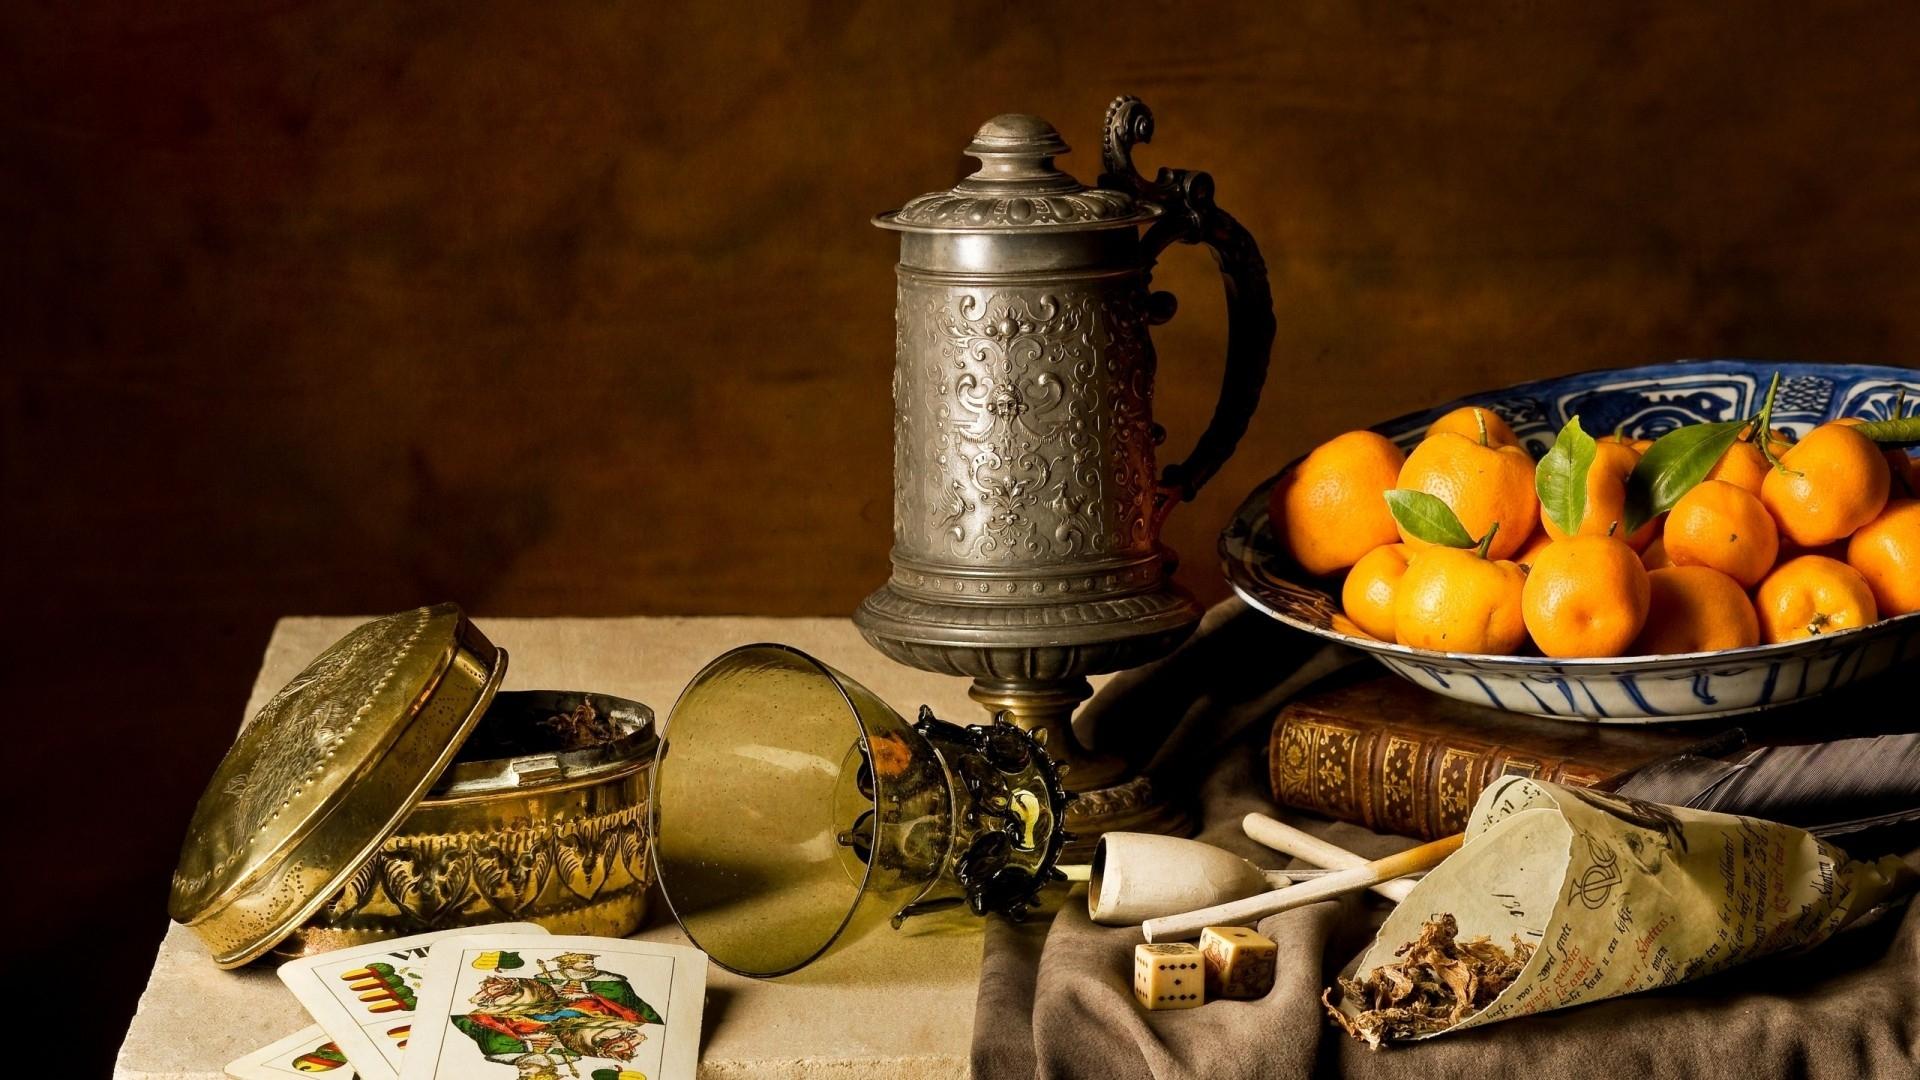 Foodtealife: Hintergrundbilder : Malerei, Lebensmittel, Tee, Tasse